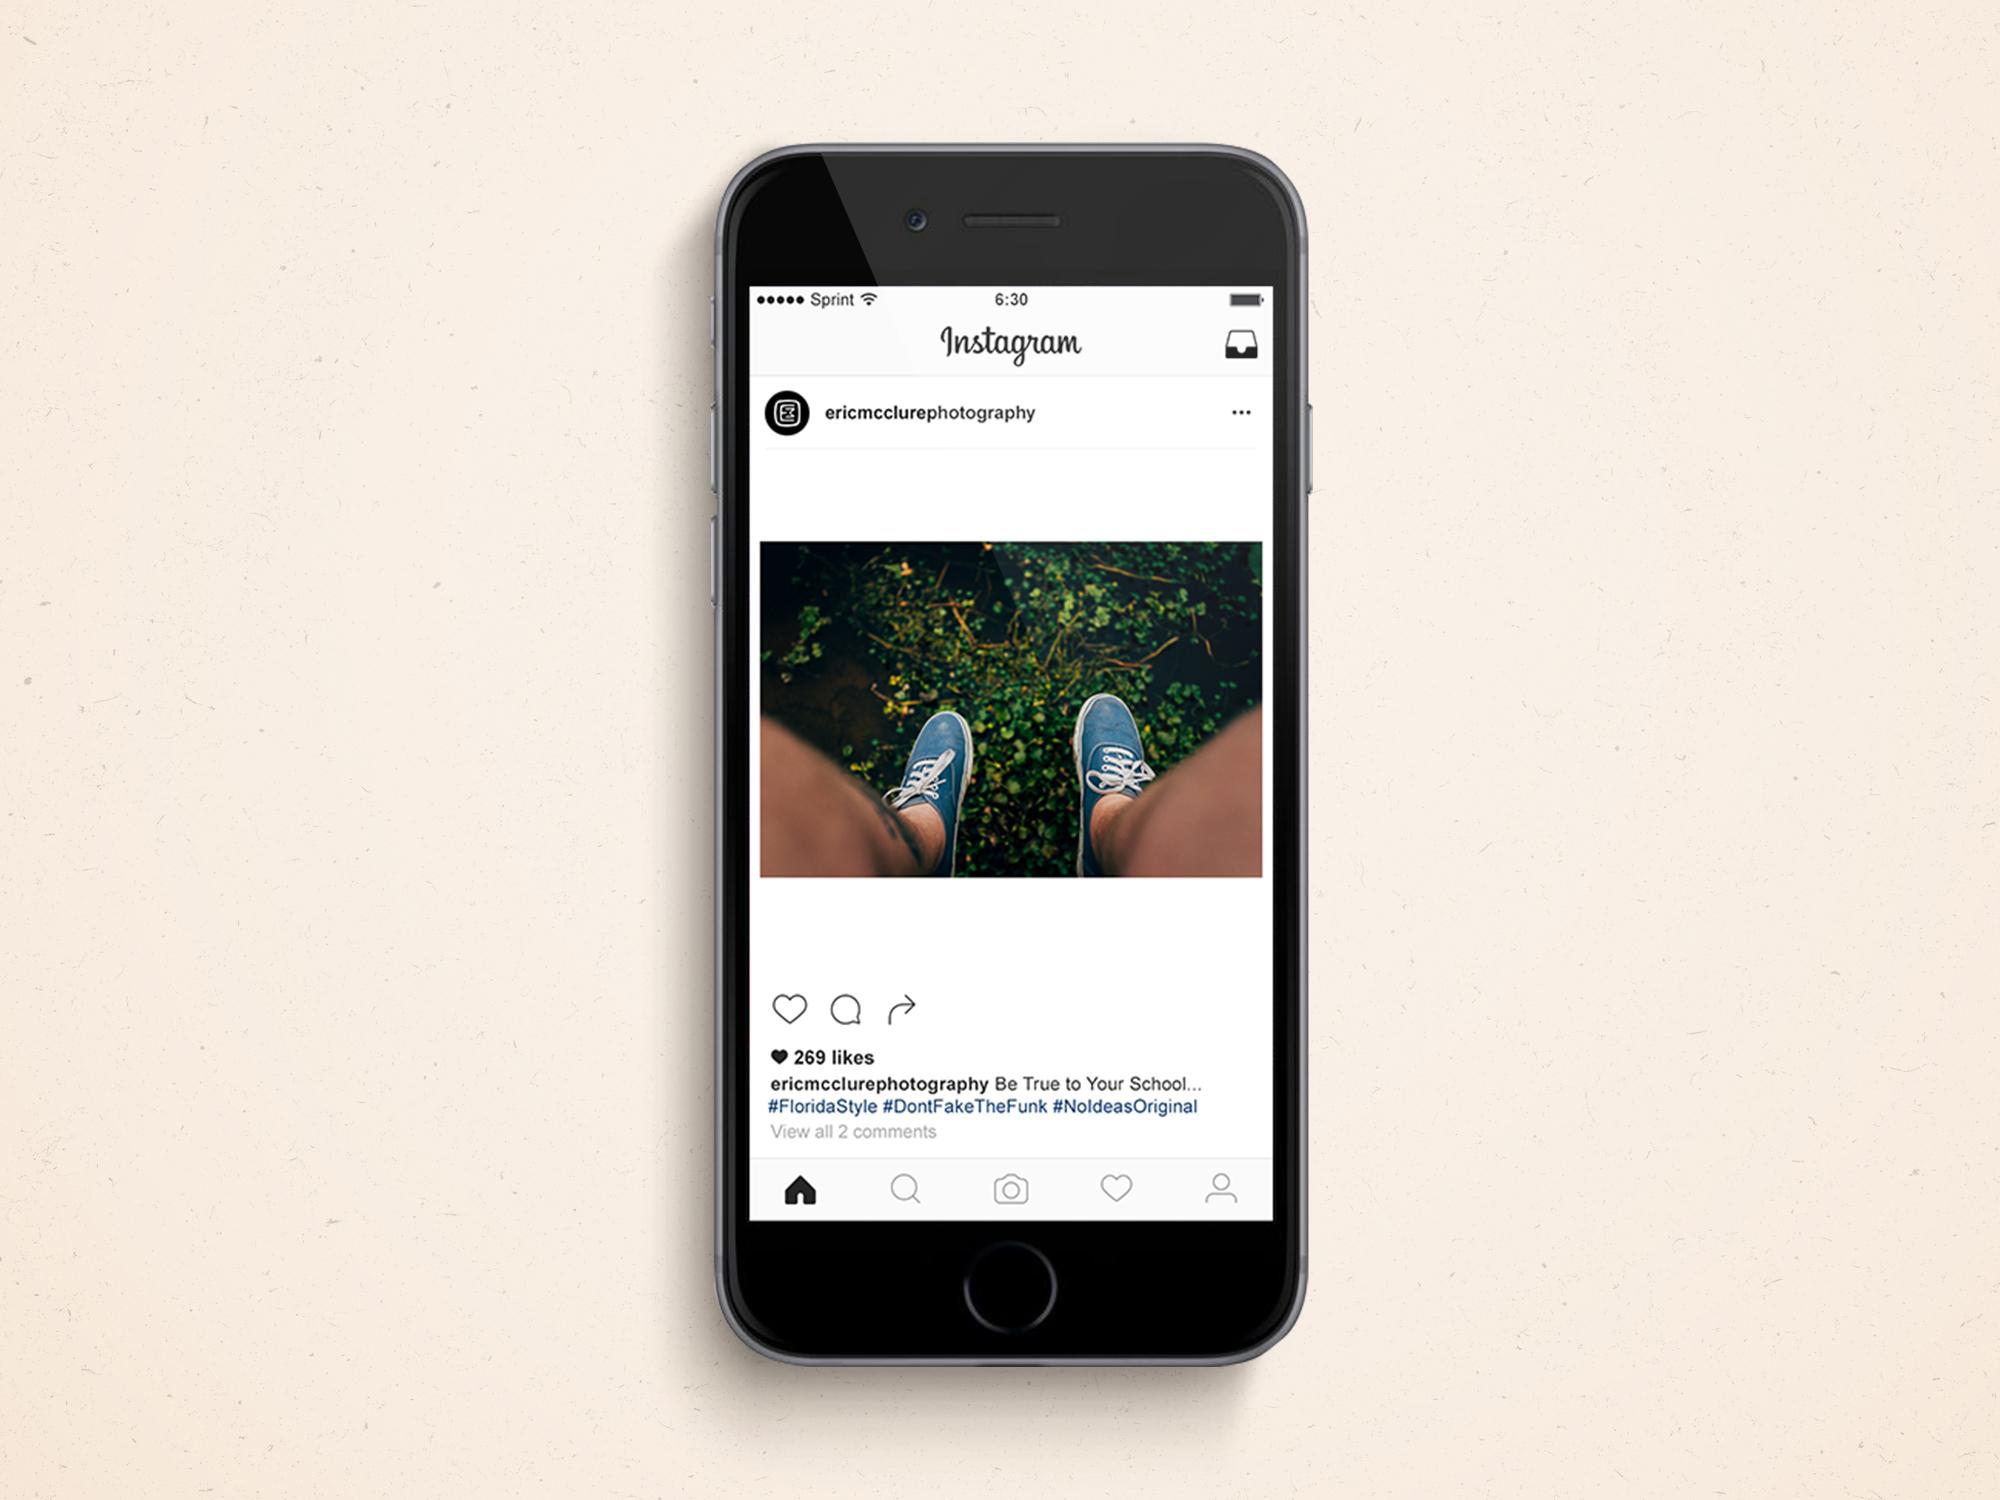 Eric Instagram iPhone